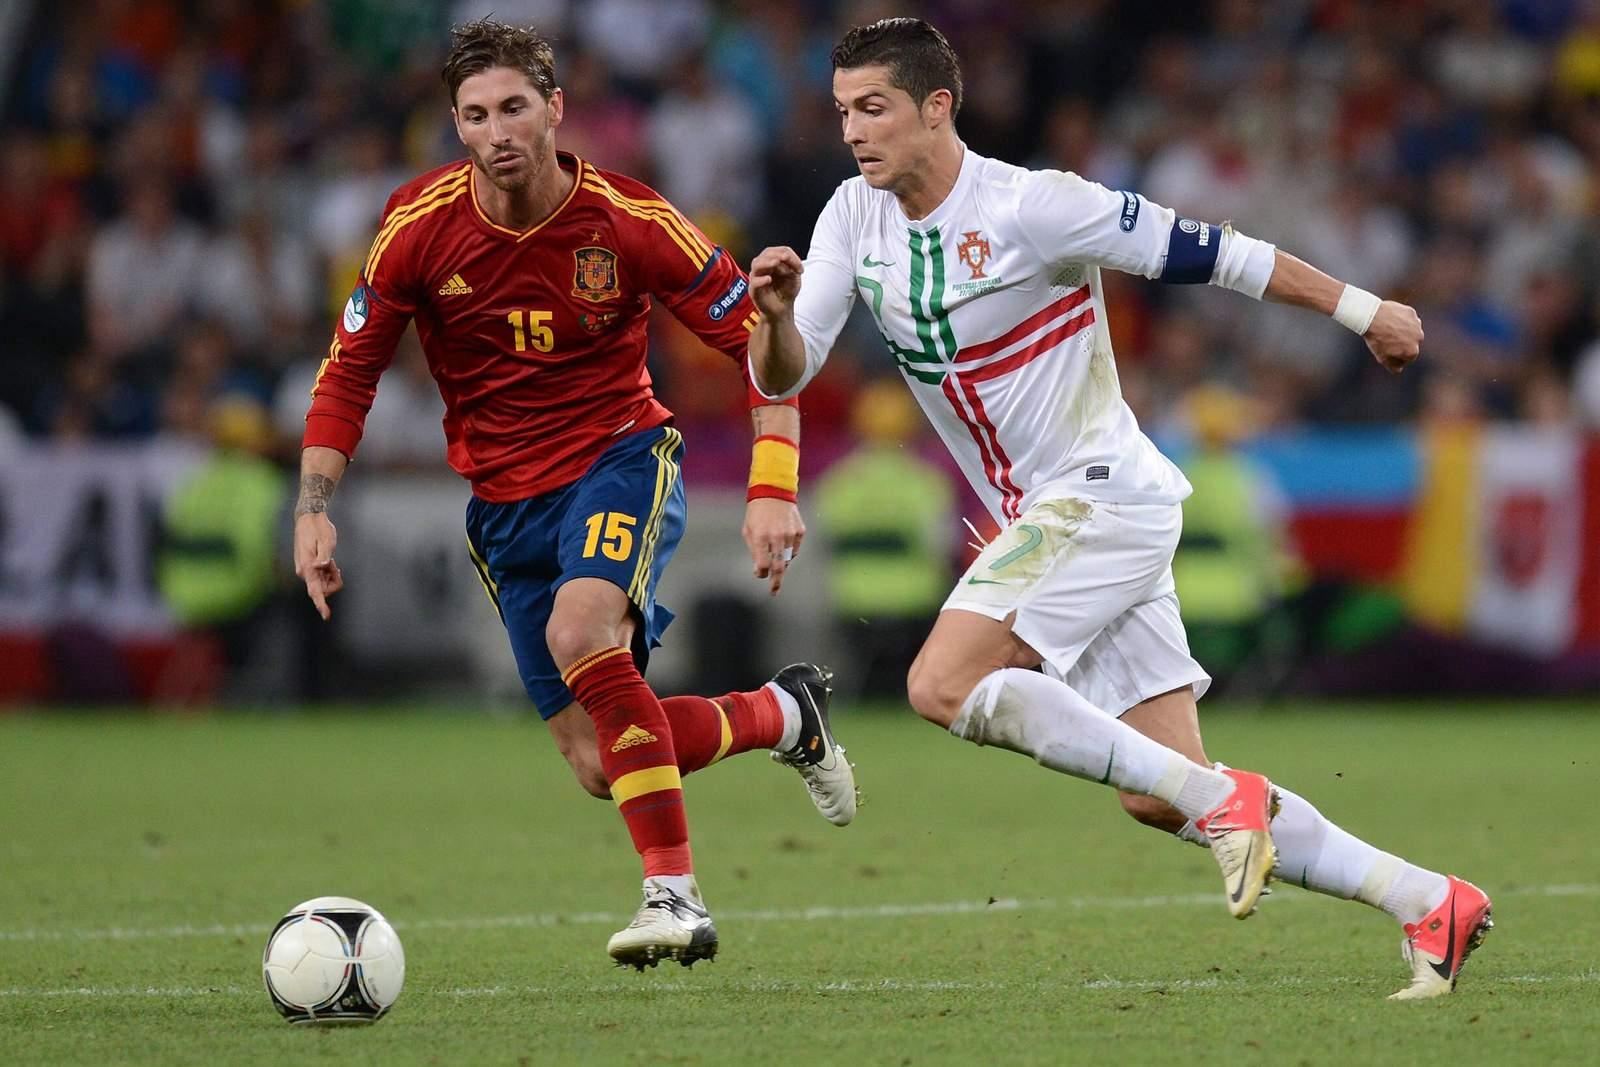 Setzt sich Ronaldo gegen Ramos durch? Jetzt auf Portugal vs Spanien wetten